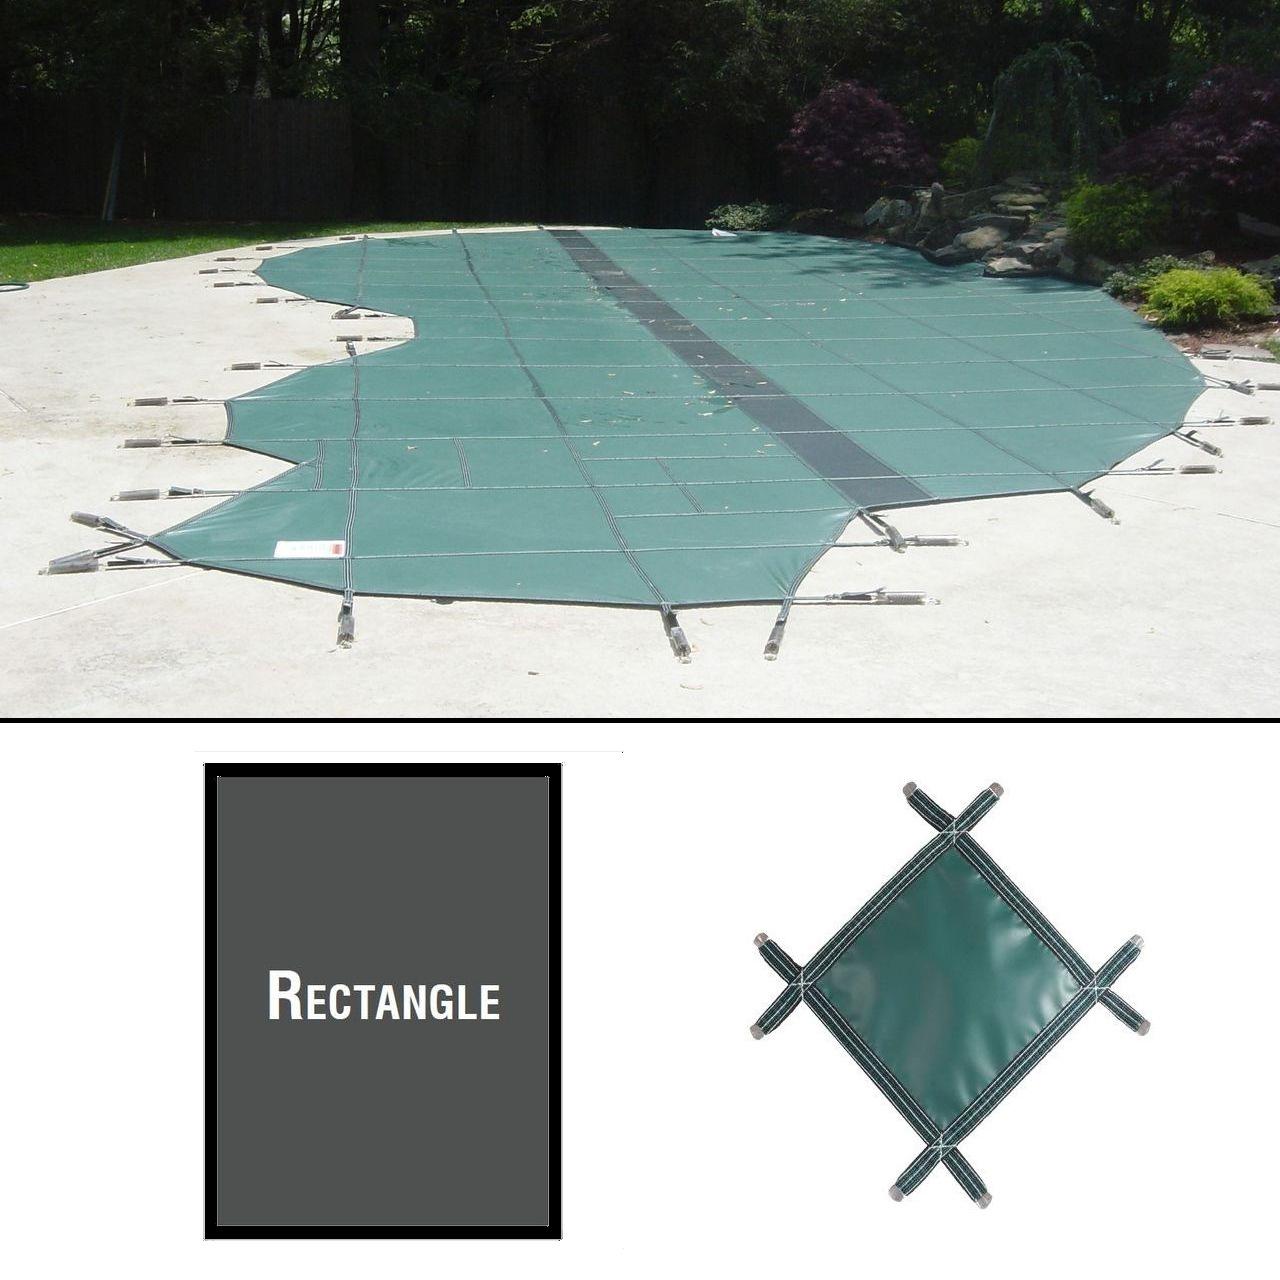 PermaGuard 22'x46' Rectangular Pool Cover